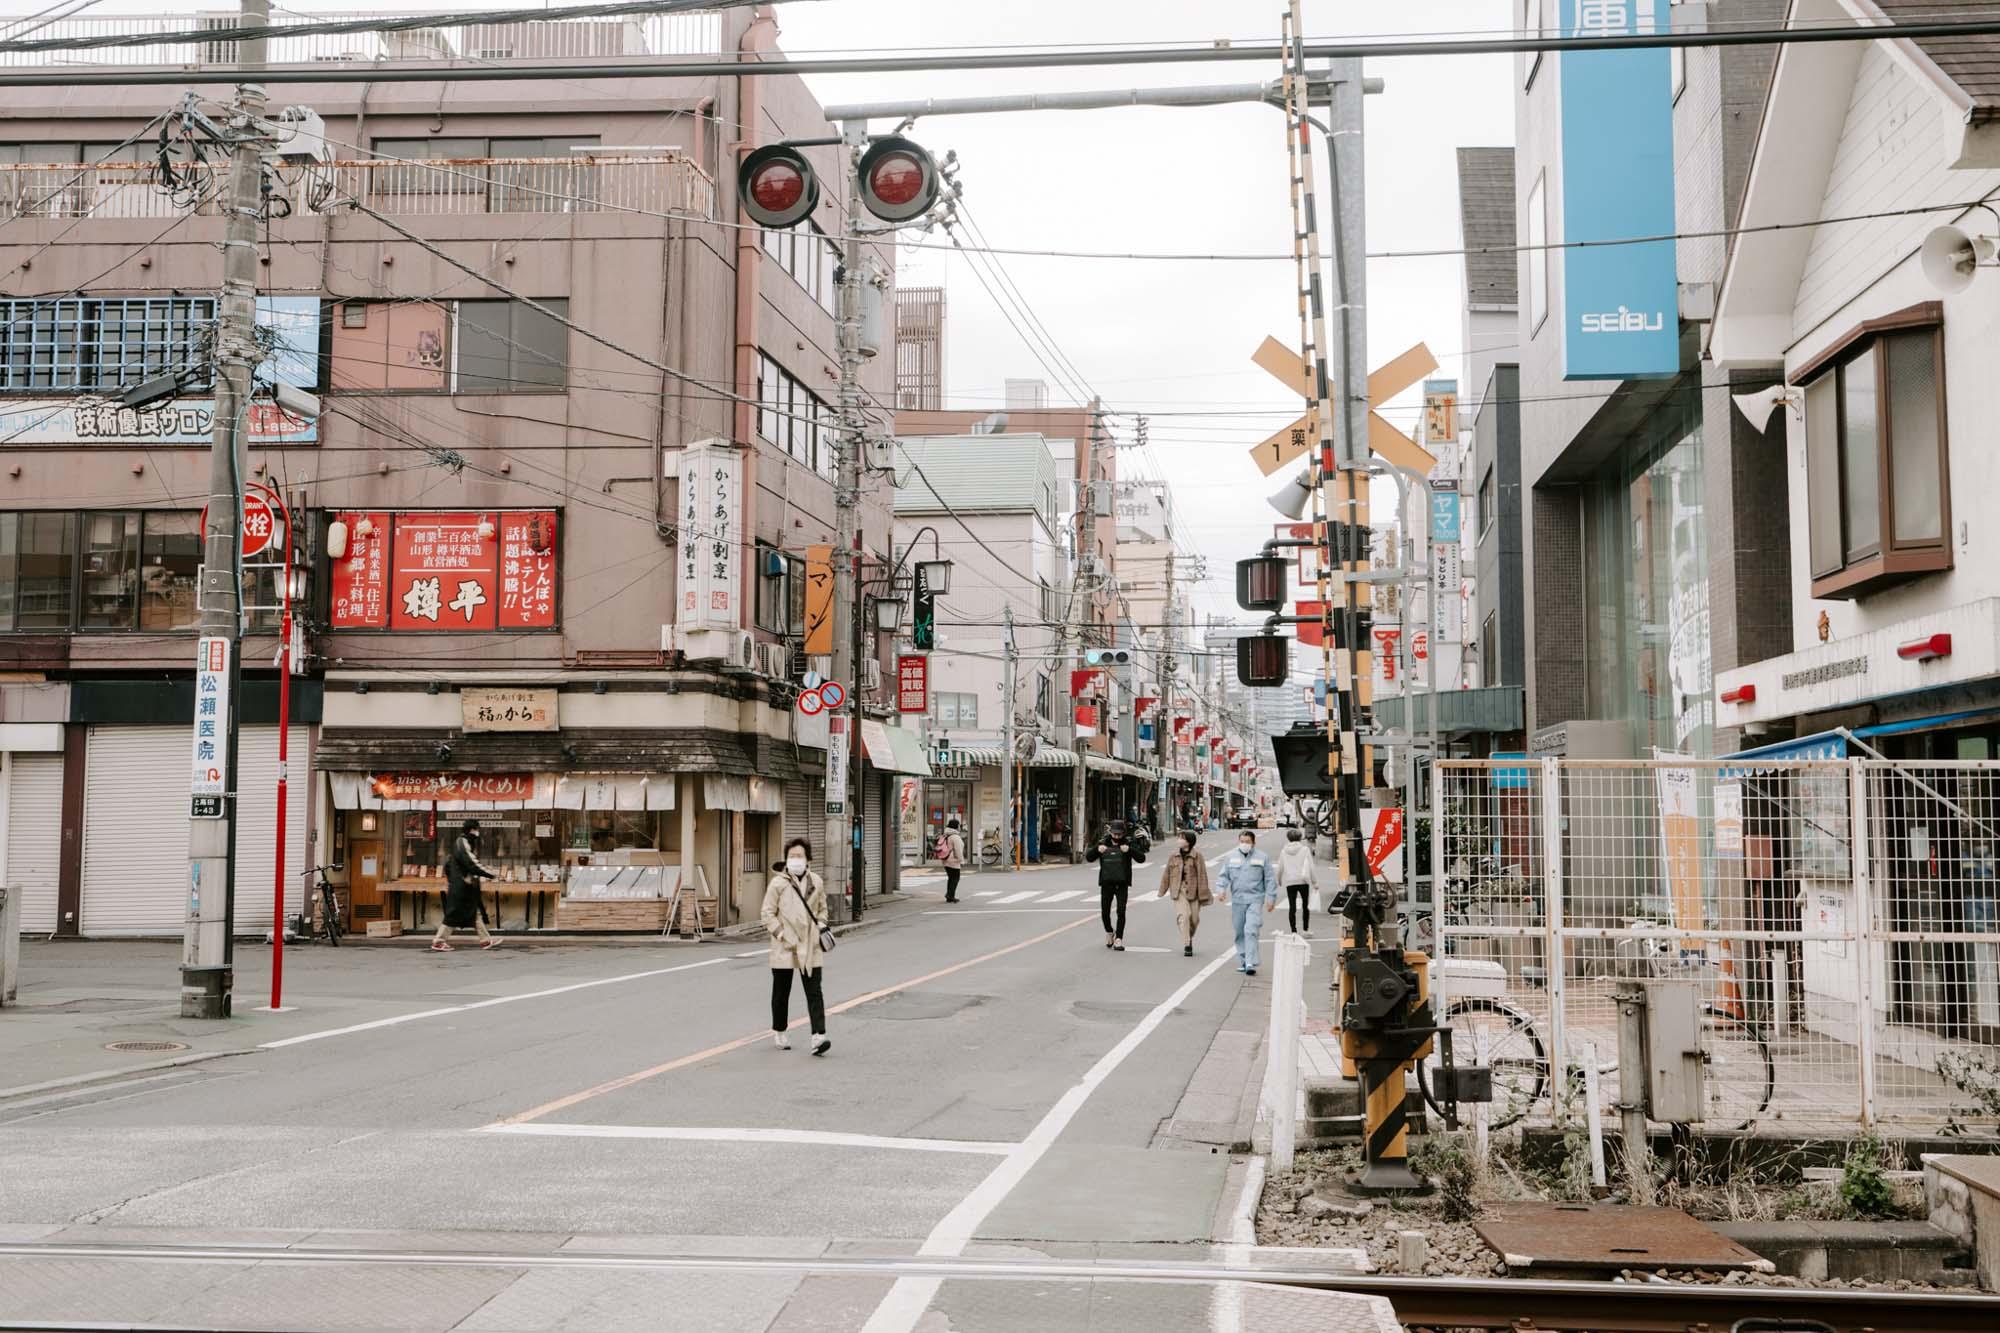 新井薬師前駅周辺には商店街があり、日常の買い物にも困りません。